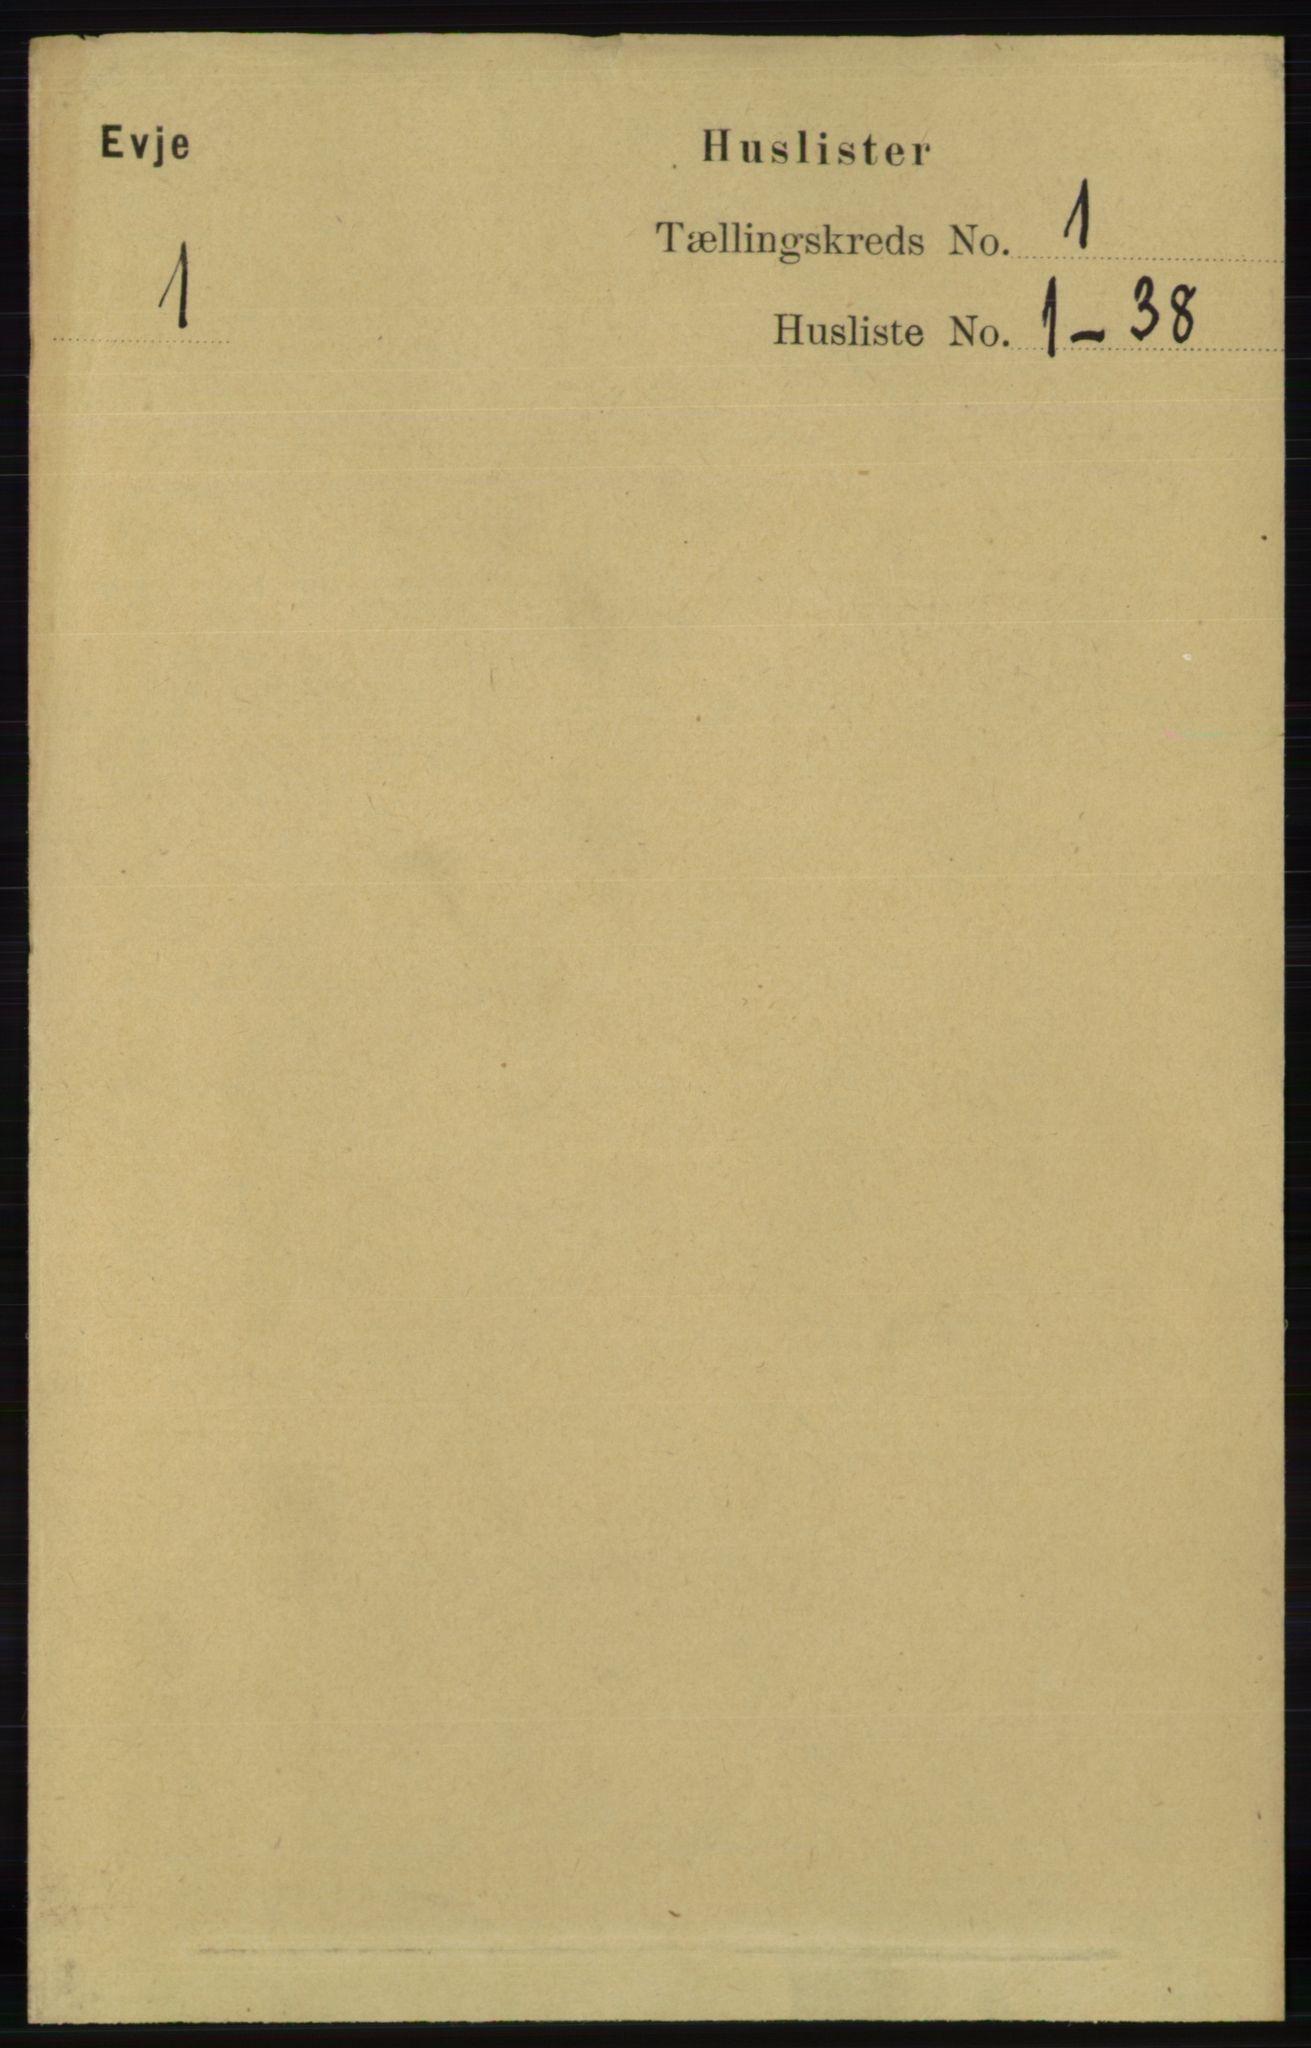 RA, Folketelling 1891 for 0937 Evje herred, 1891, s. 14